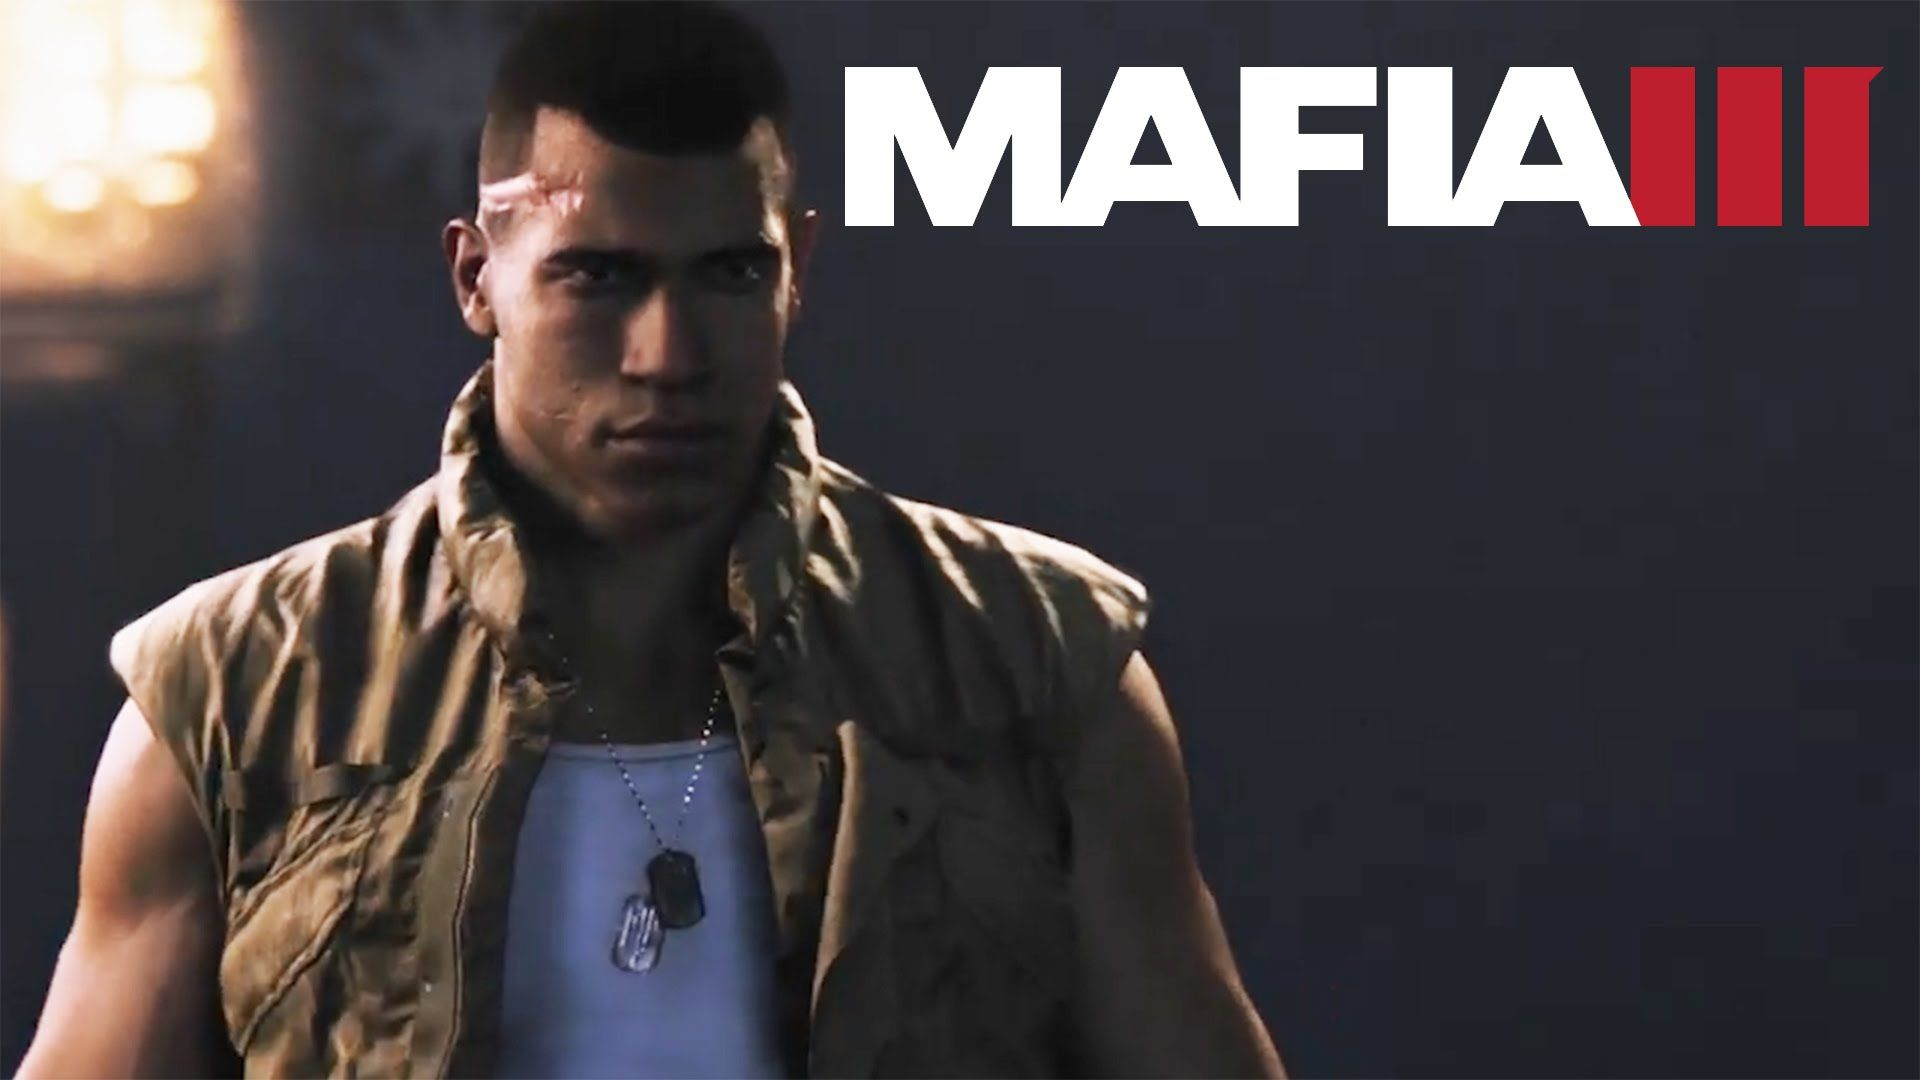 Lincoln Clay Mafia 3 Mafia 3 Mafia First Video